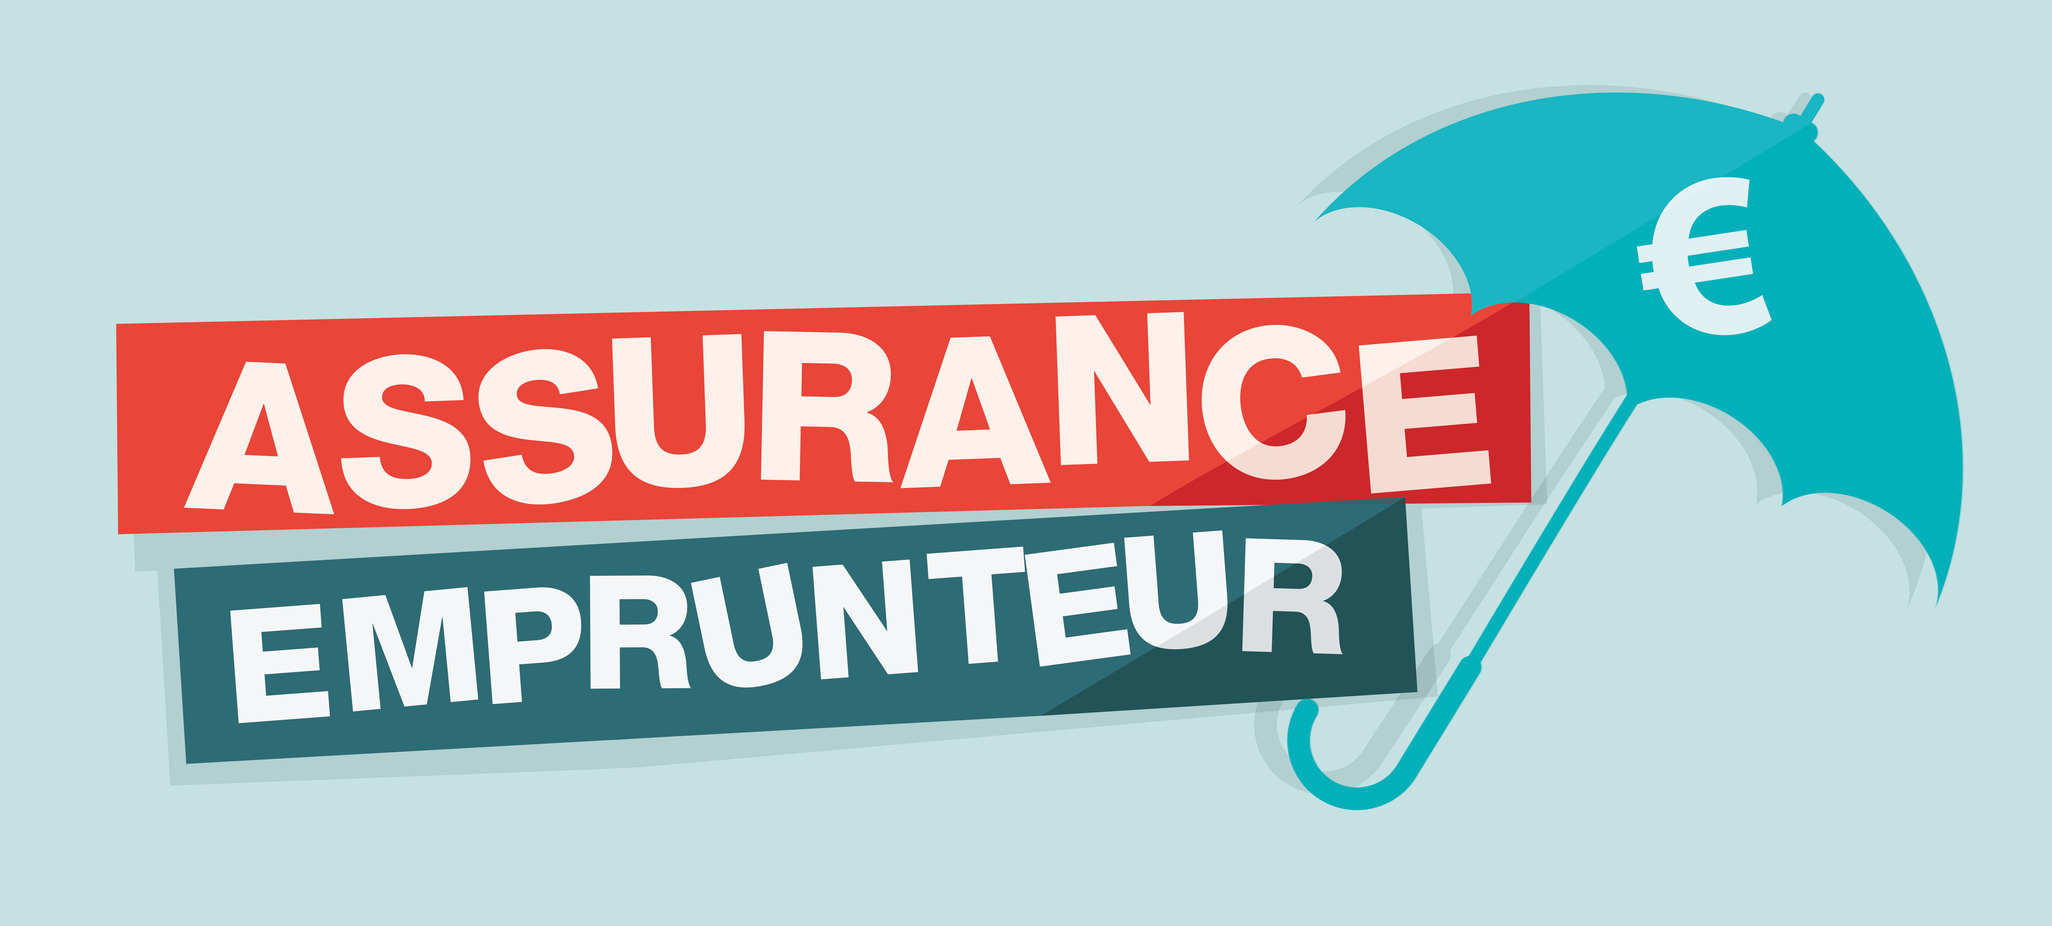 Délégation d'assurance emprunteur